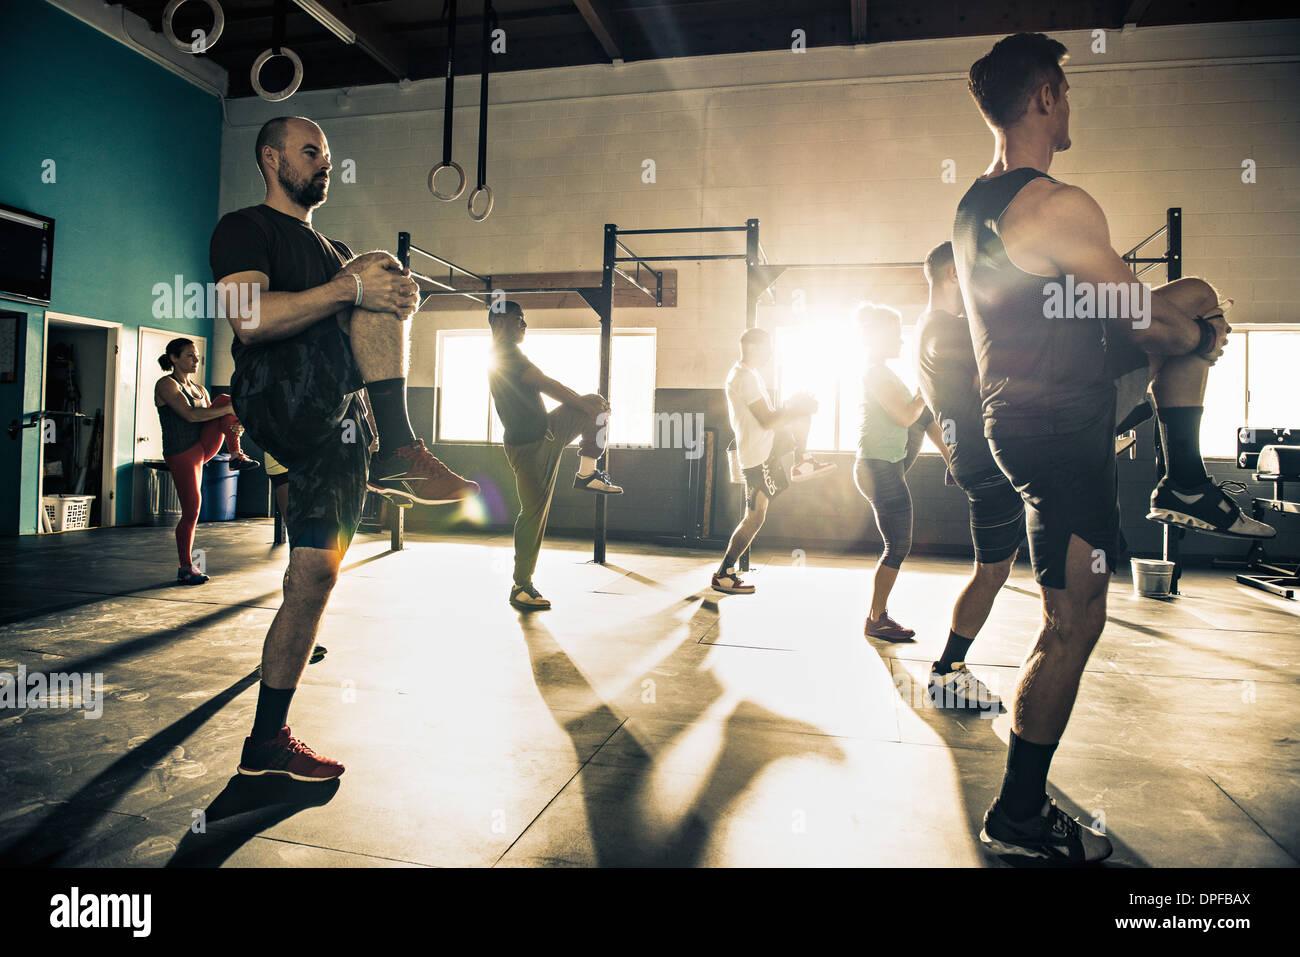 Grupo de fitness entrenamiento juntos en el gimnasio Imagen De Stock